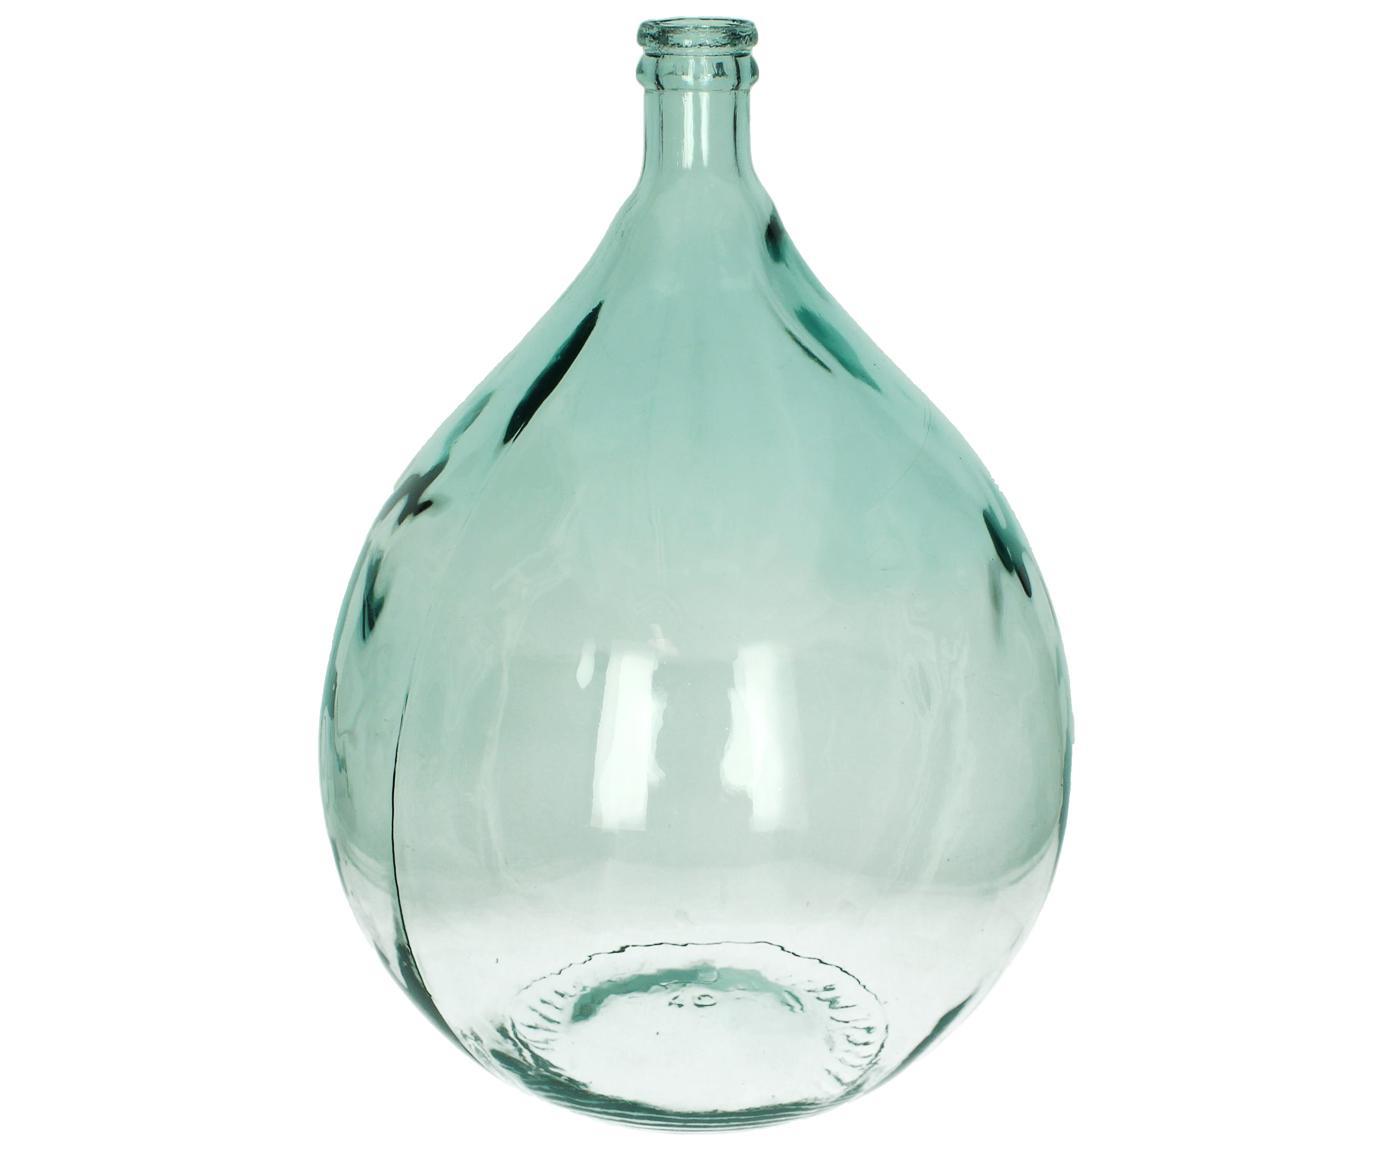 Vloervaas Beluga van gerecycled glas, Gerecycled glas, Lichtblauw, H 56 cm